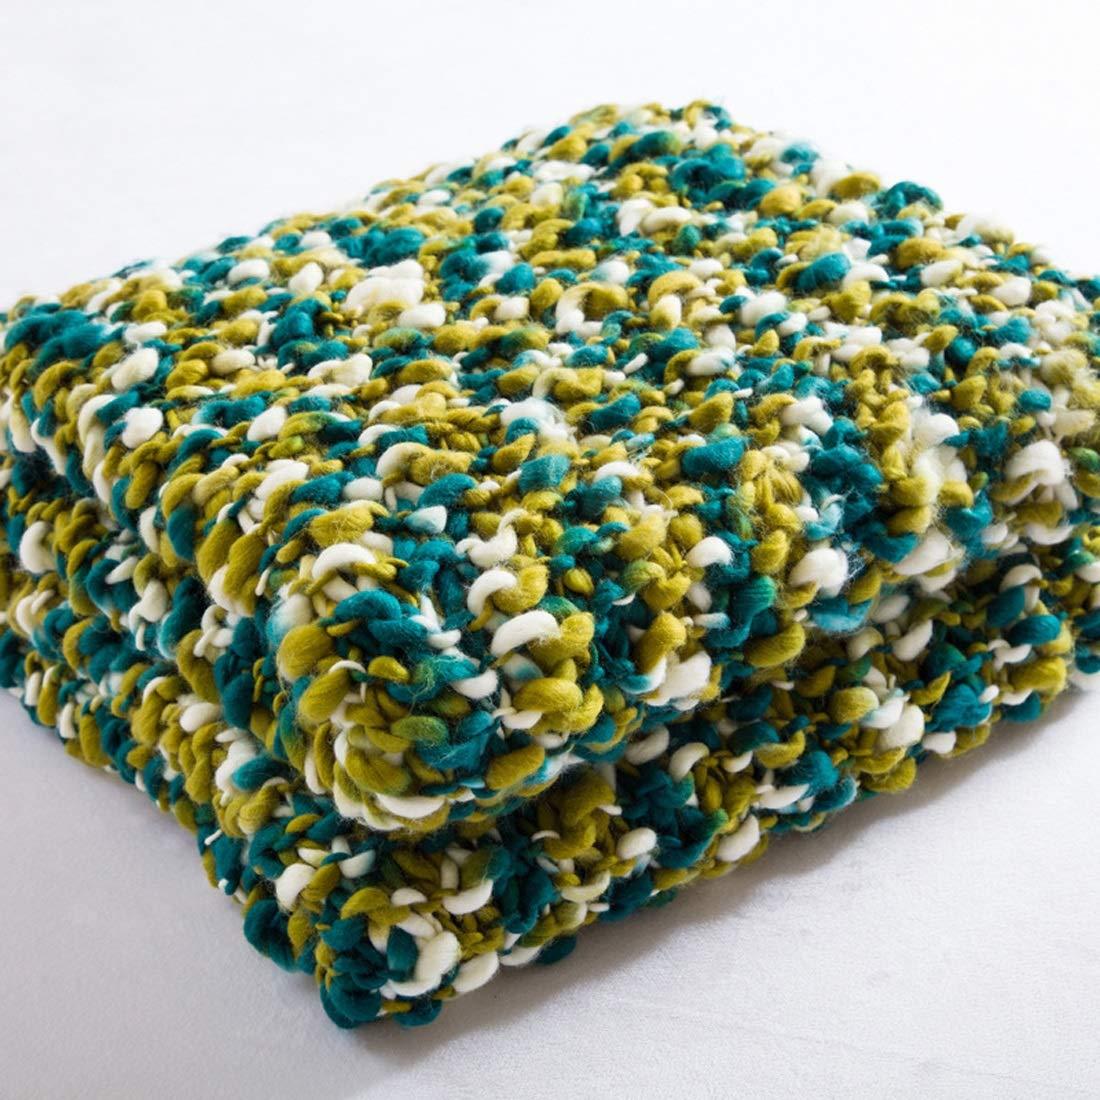 CAFUTY 毛布手編みの家庭用写真小道具レジャー軽量ソファカバーでホームニット (Color : オレンジ) B07MBX2Q11 オレンジ